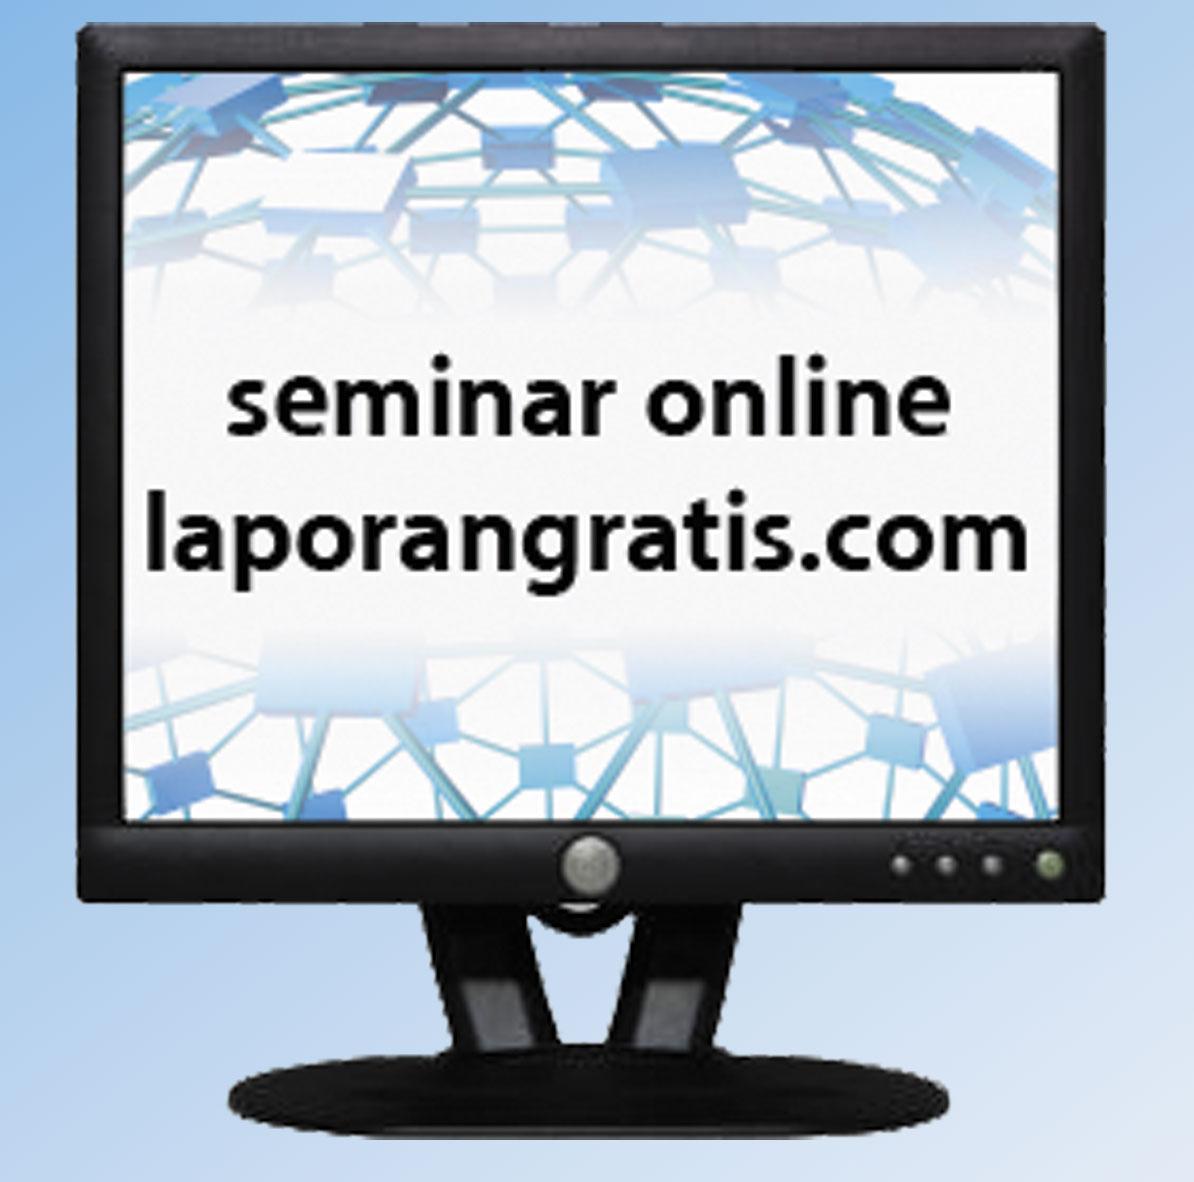 webinar-logo